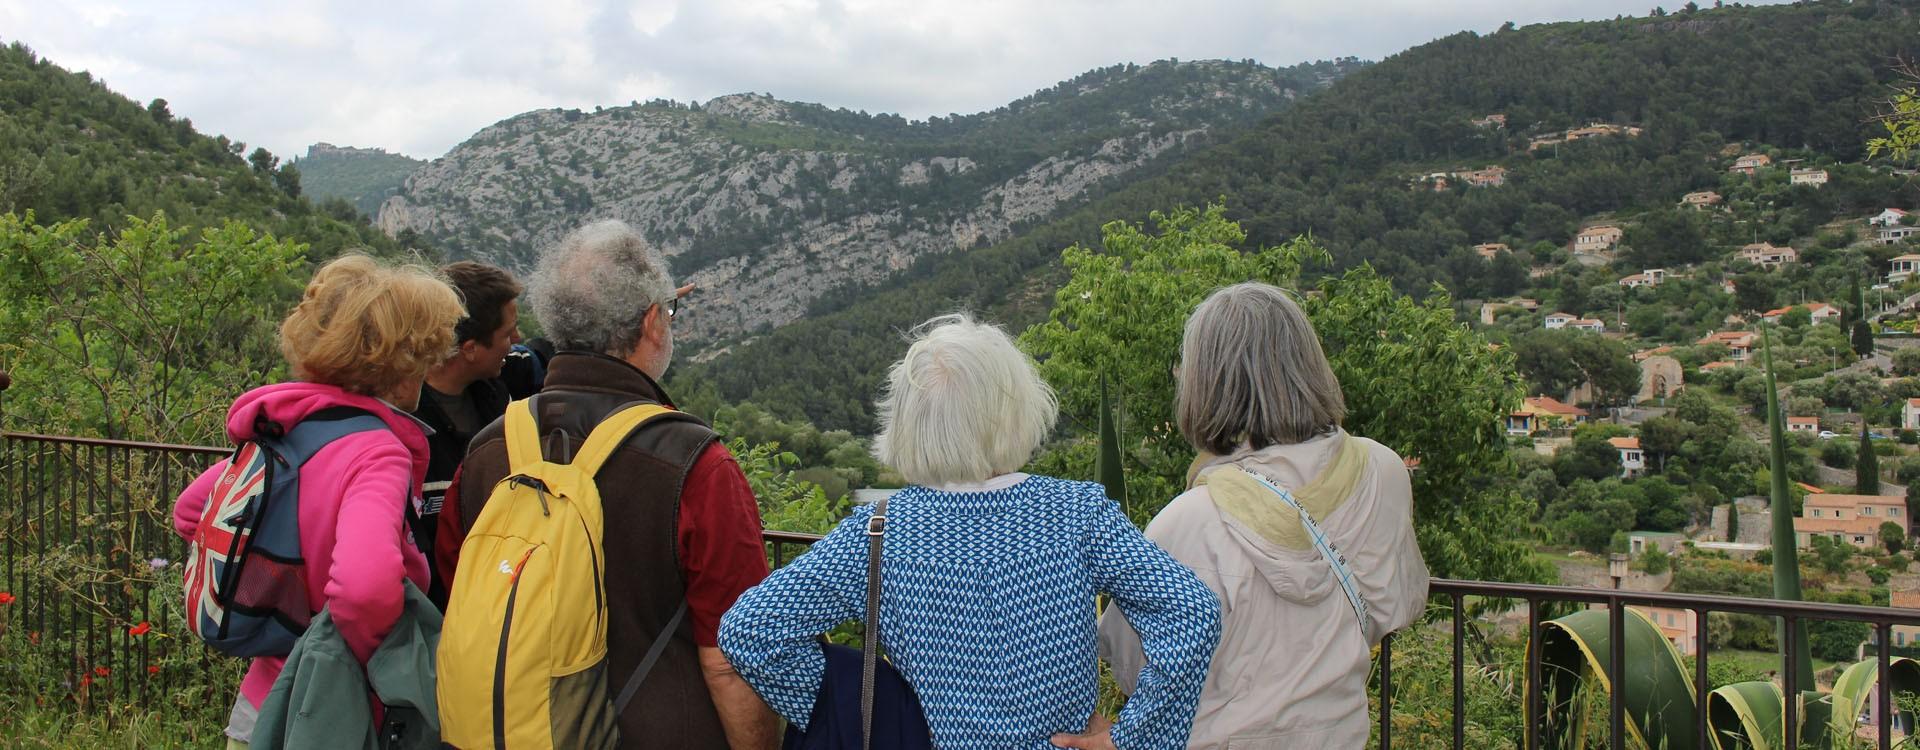 Visite guidée Coeur historique d'Ollioules